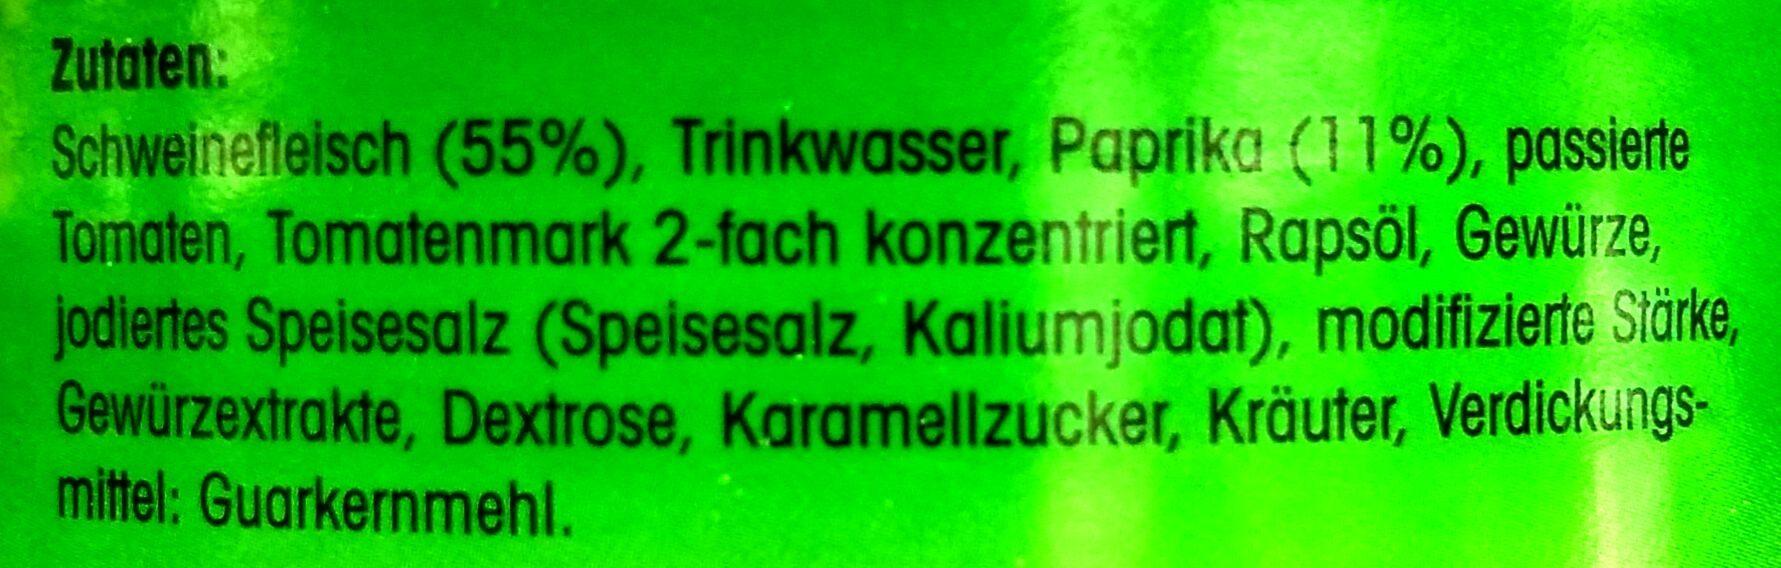 Paprika Gulasch - Zutaten - de